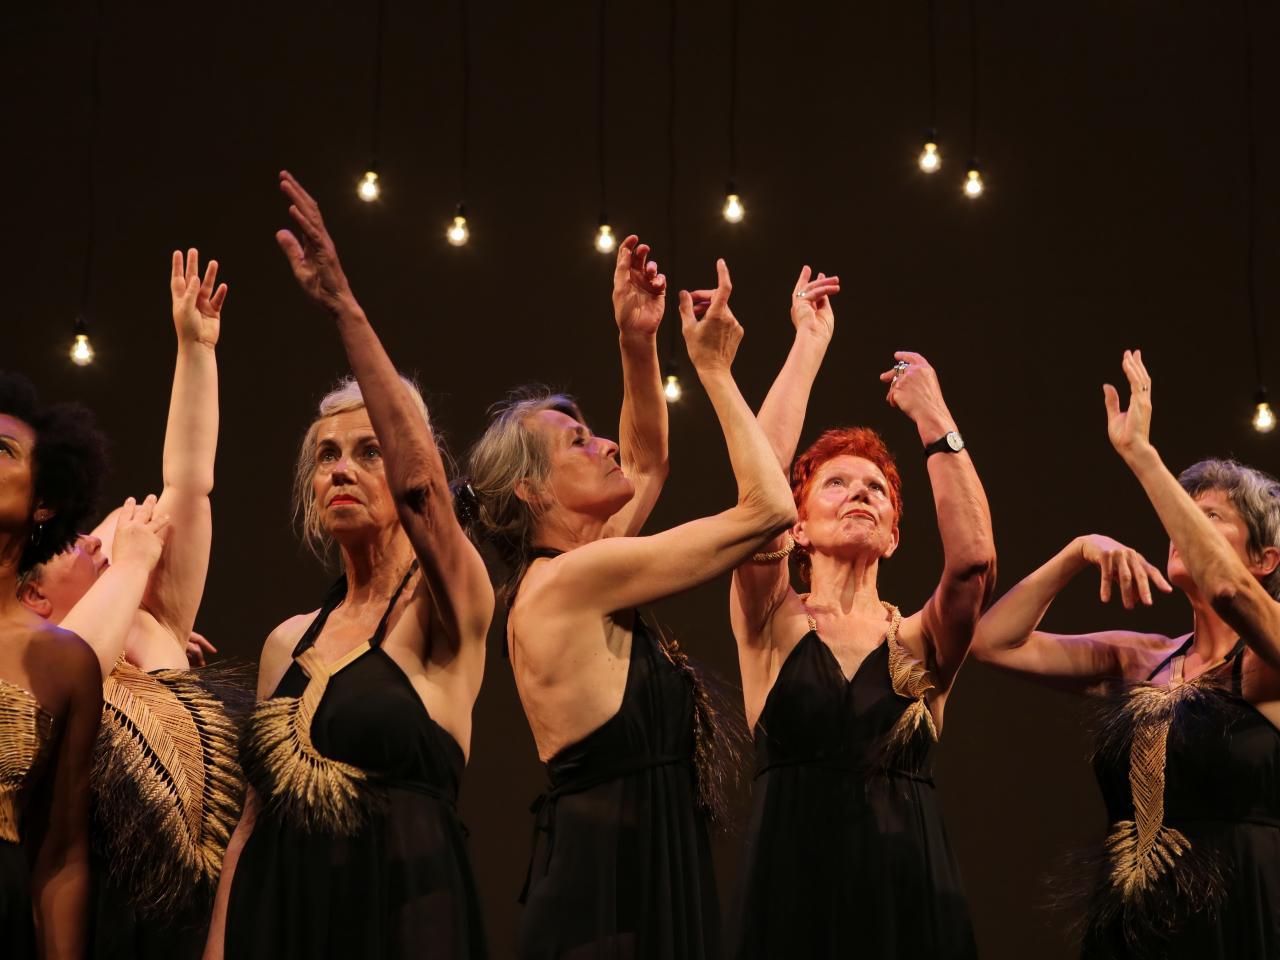 Dansende dames op een podium